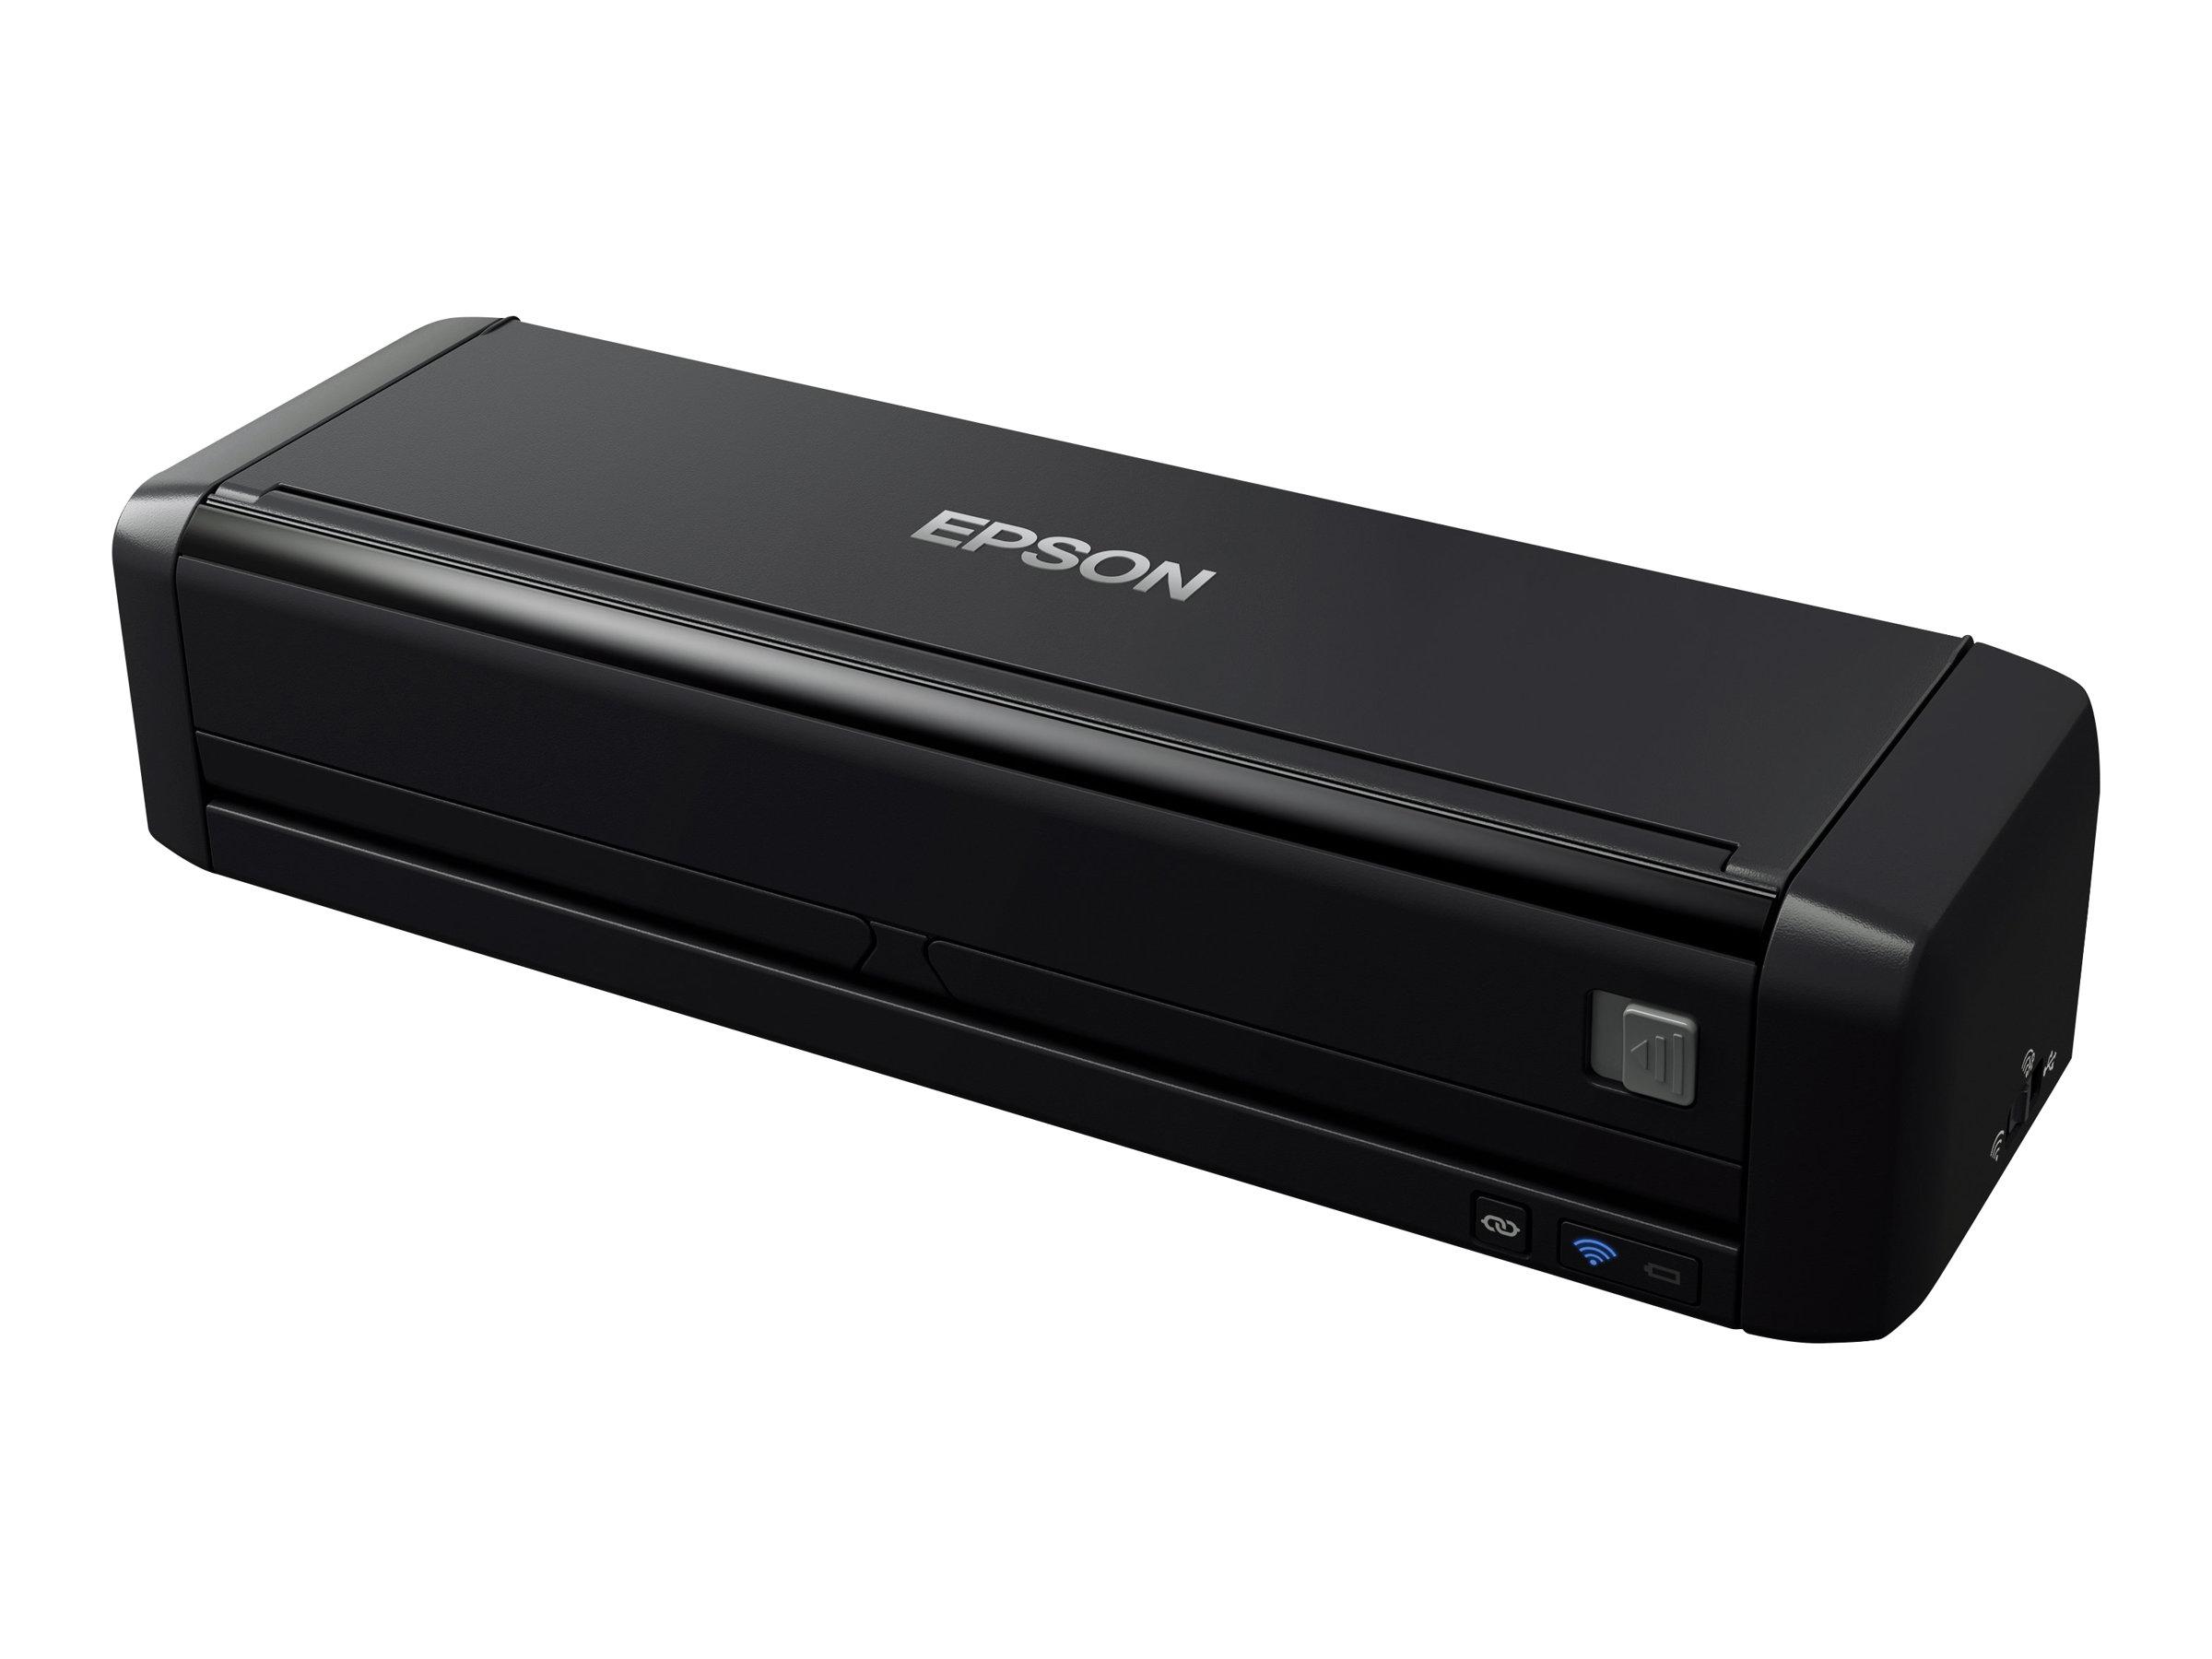 Epson WorkForce DS-360W - Dokumentenscanner - Duplex - A4 - 600 dpi x 600 dpi - bis zu 25 Seiten/Min. (einfarbig) / bis zu 25 Se